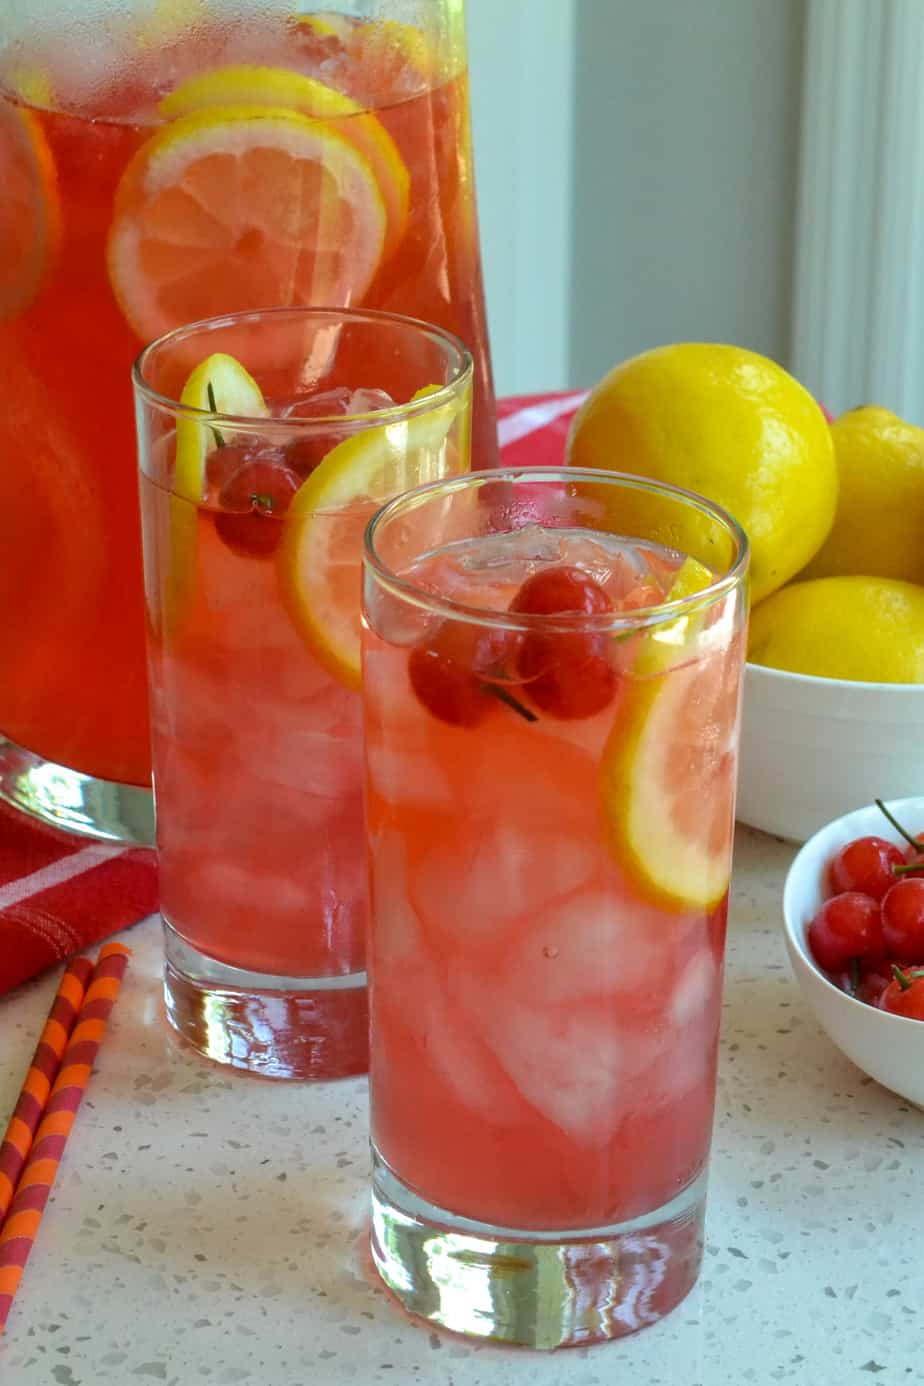 Glasses full of ice cold cherry lemonade.